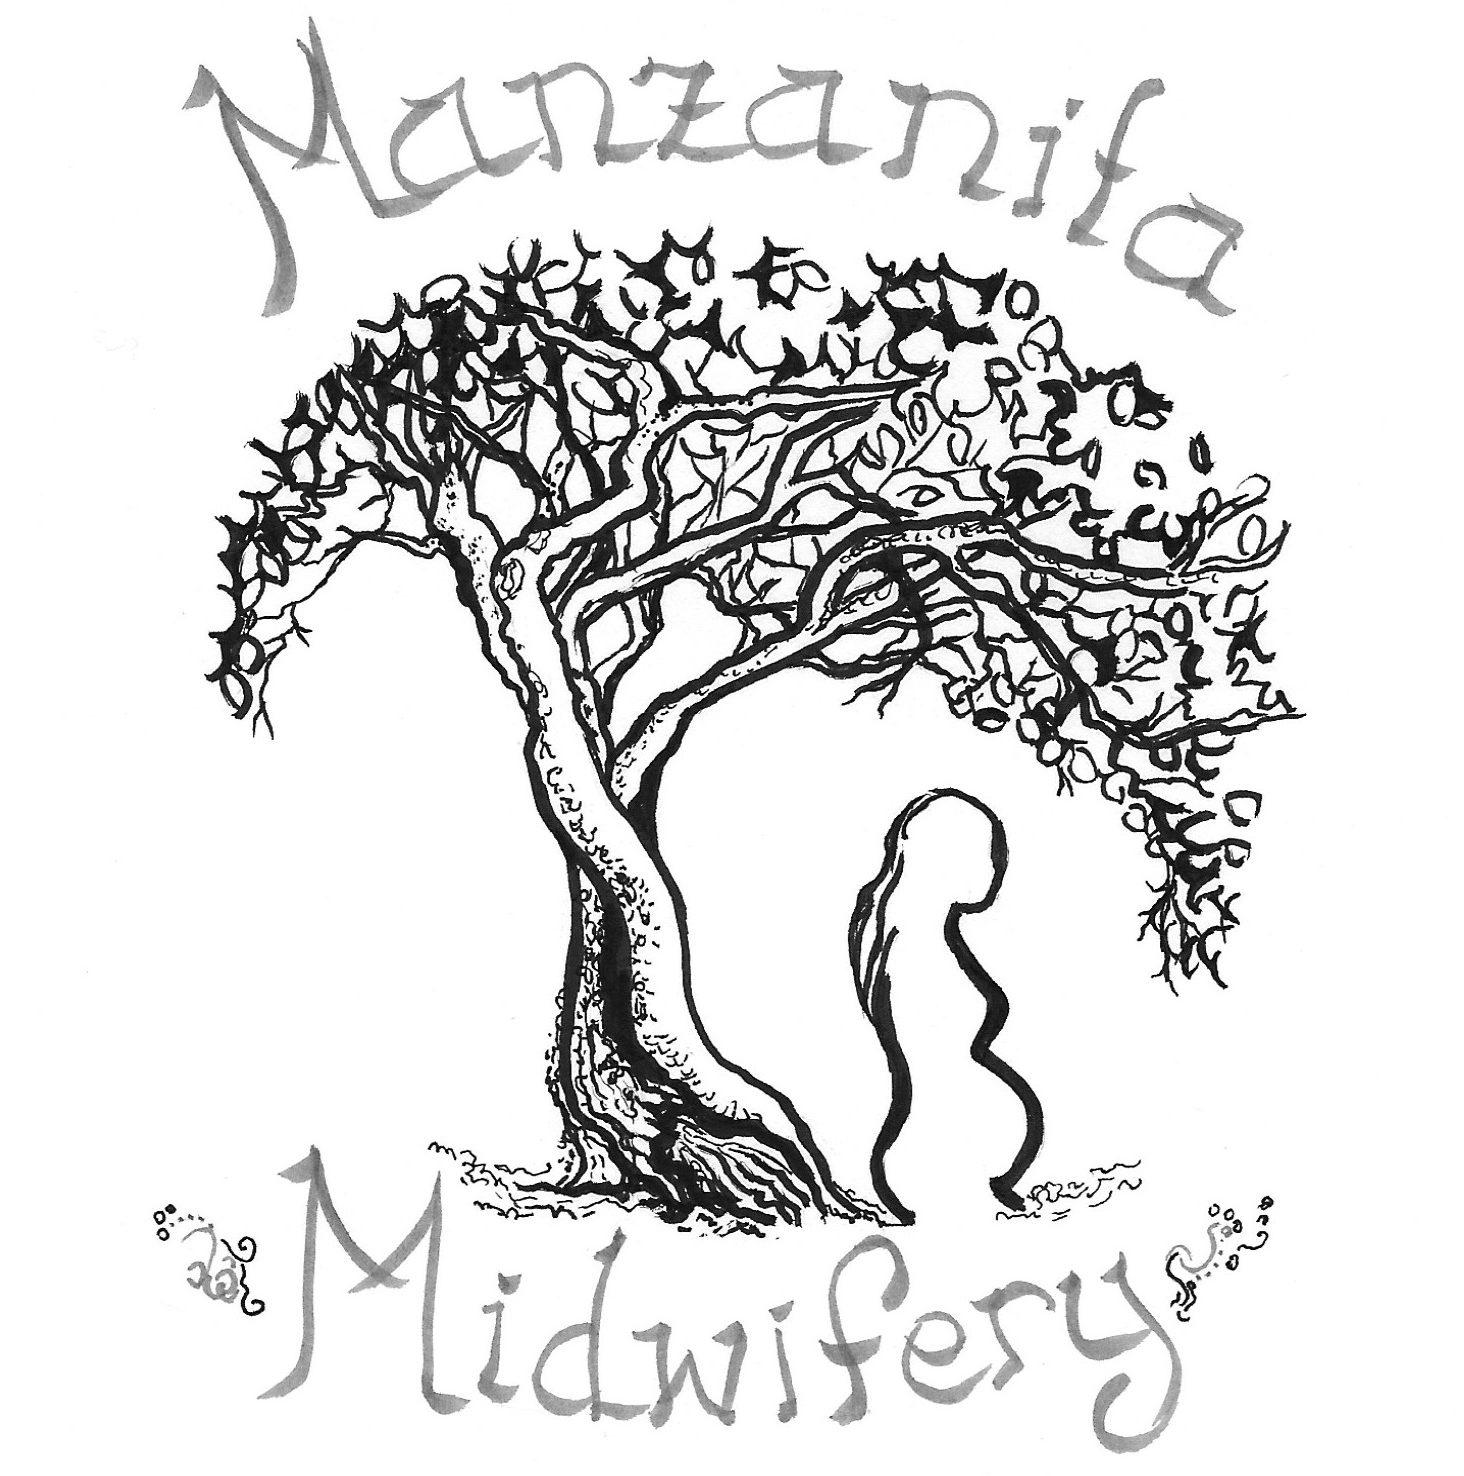 Manzanita Midwifery